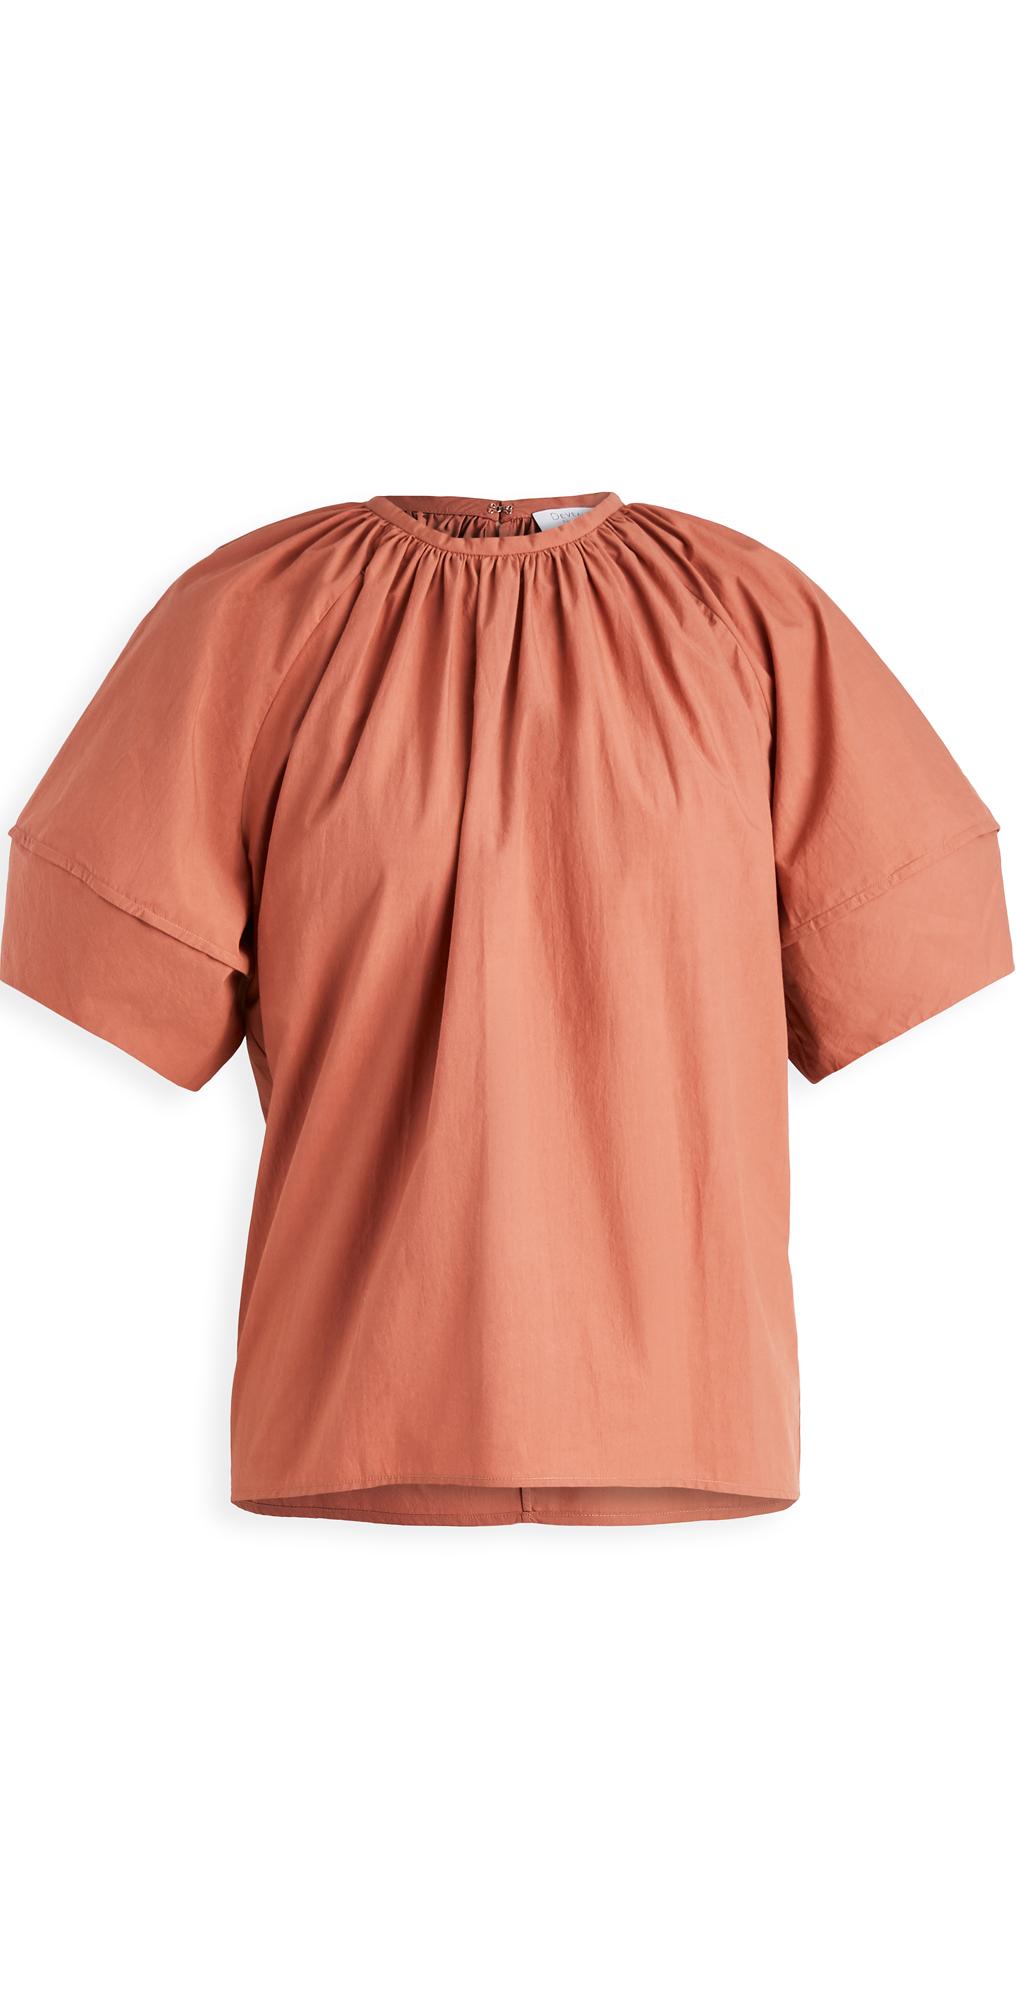 Deveaux Margot Poplin Puff Sleeve Top